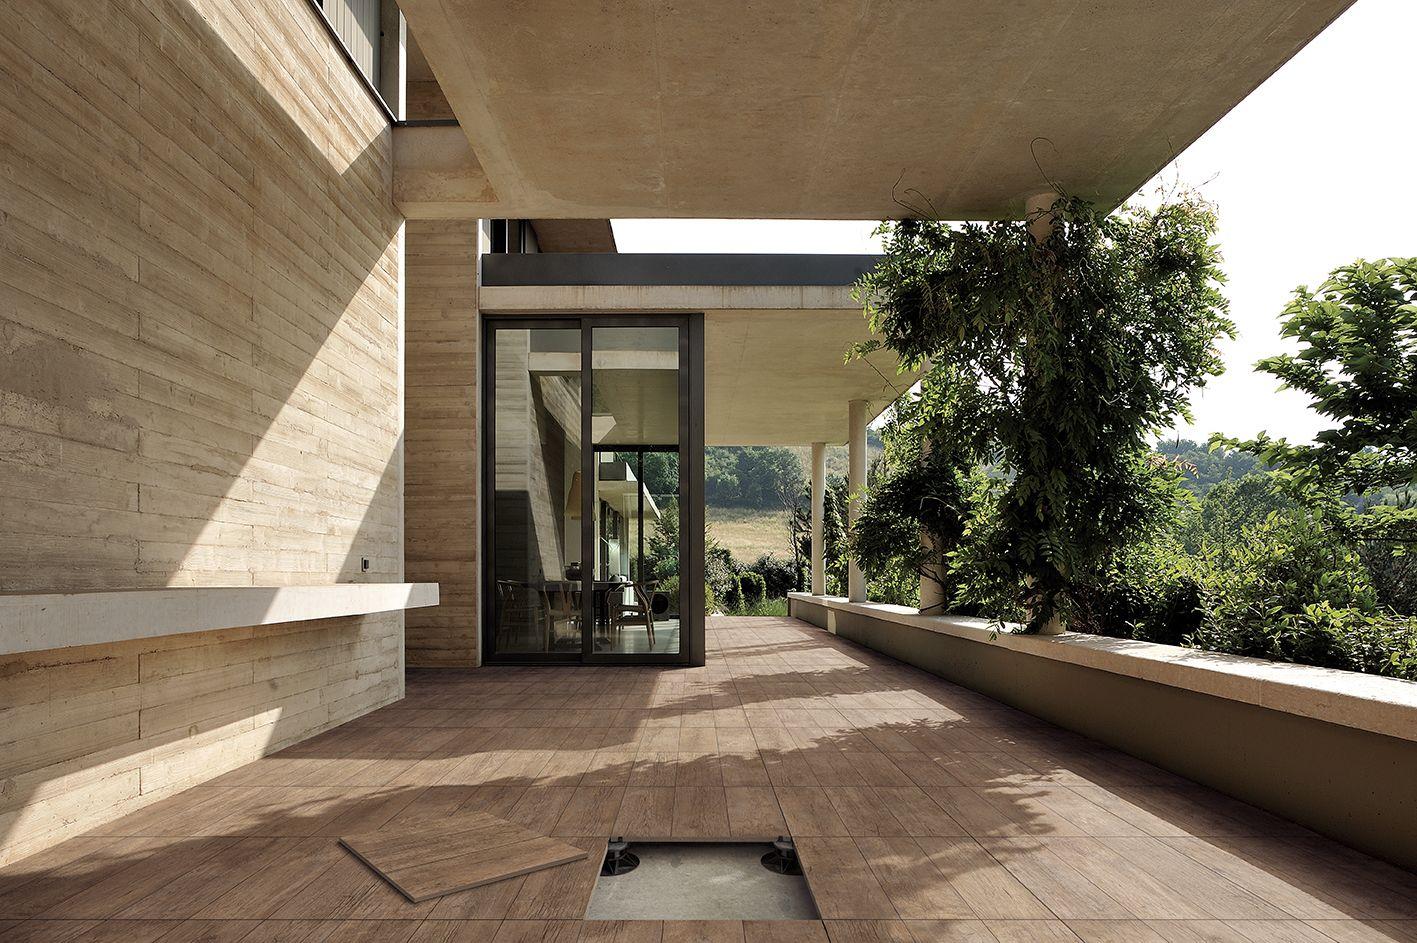 Gres effetto legno/cortex-pavimento-gres-esterno-nocciola/armonie artecasa  Materials  Pinterest